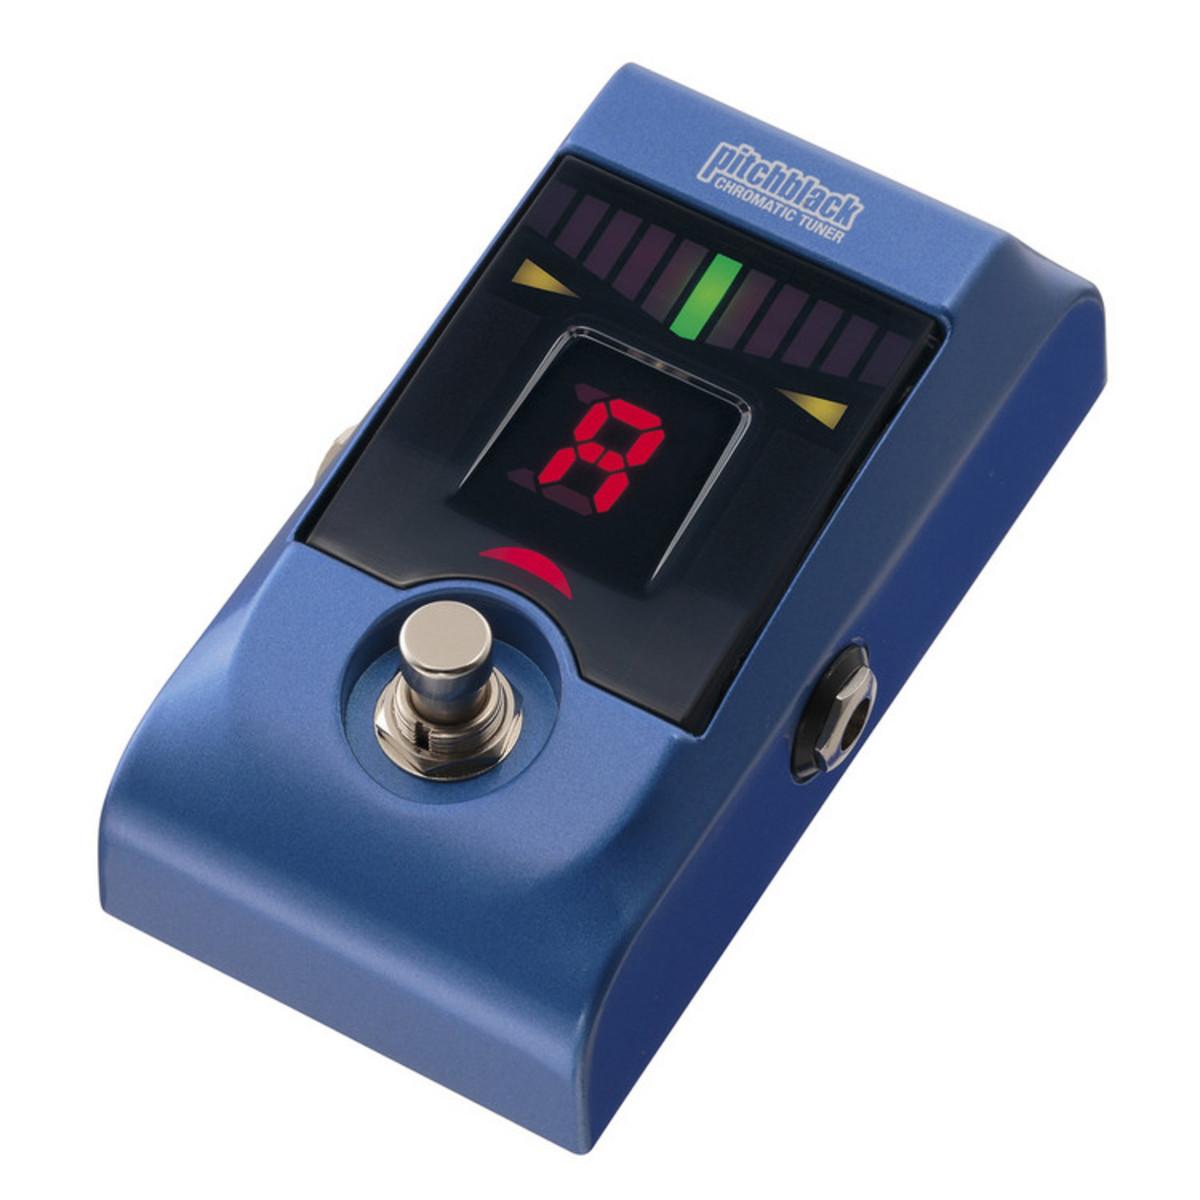 Disc korg pitchblack golvet pedal st mapparat limited for 13th floor pitch black